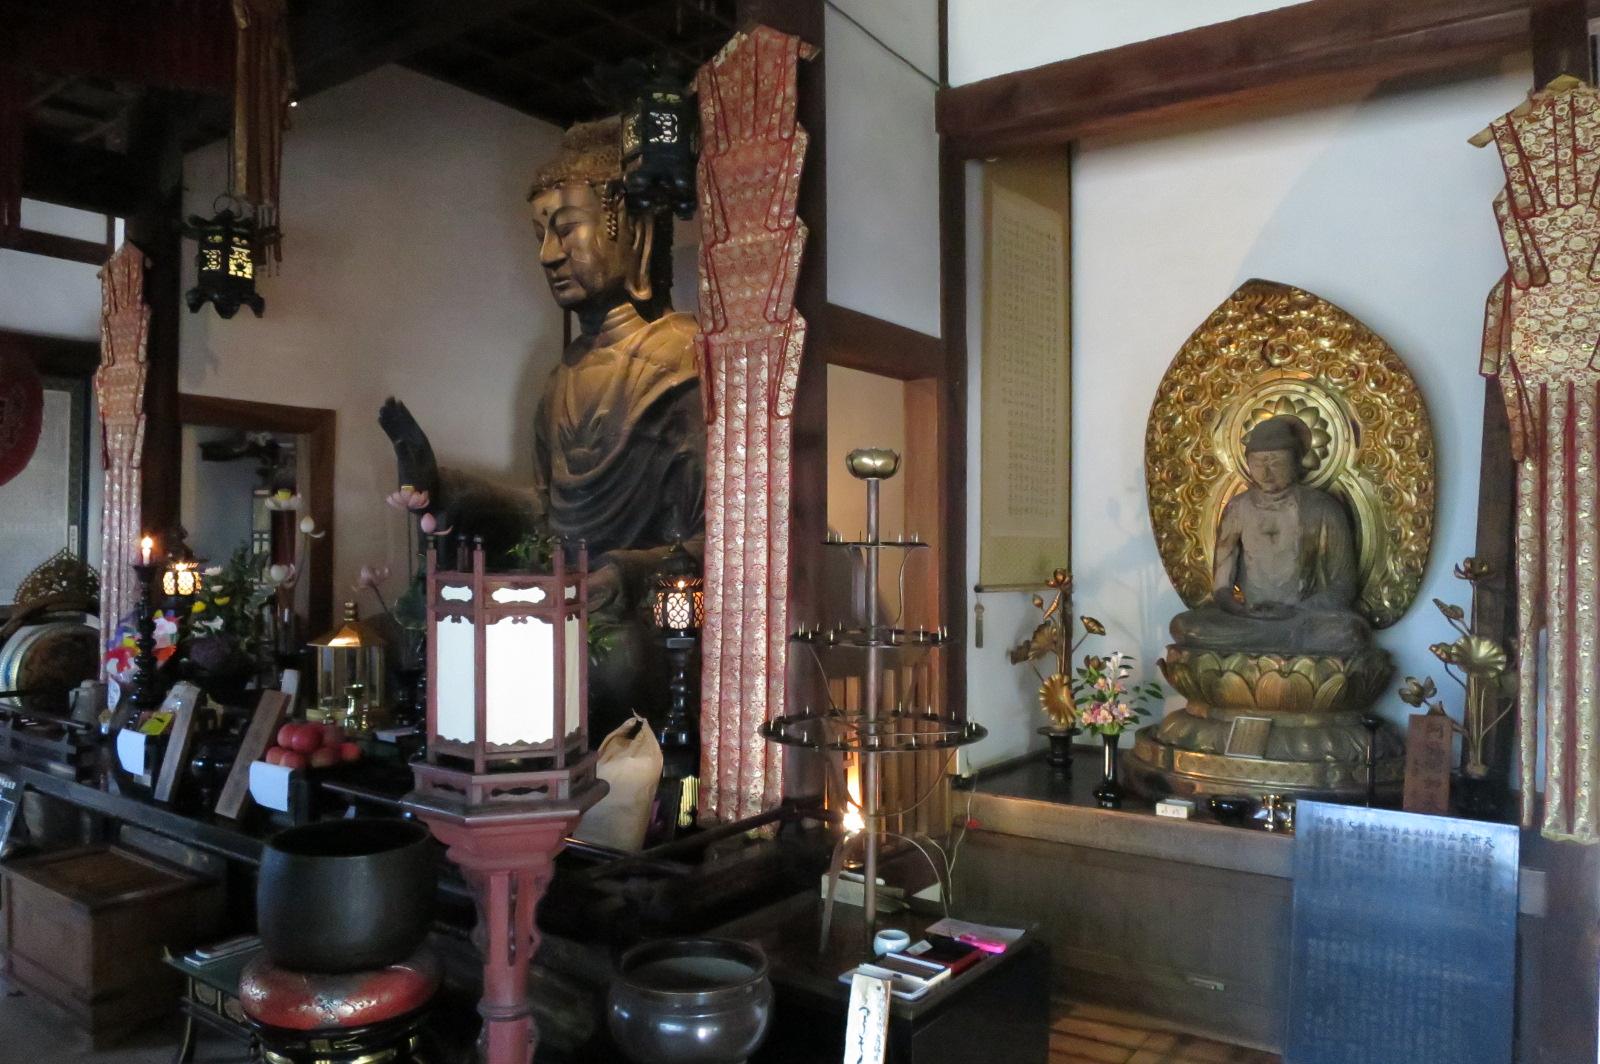 飛鳥大仏(左側)。渡来系の仏師が作成したもので、現存の仏像では日本最古のものと言われています。